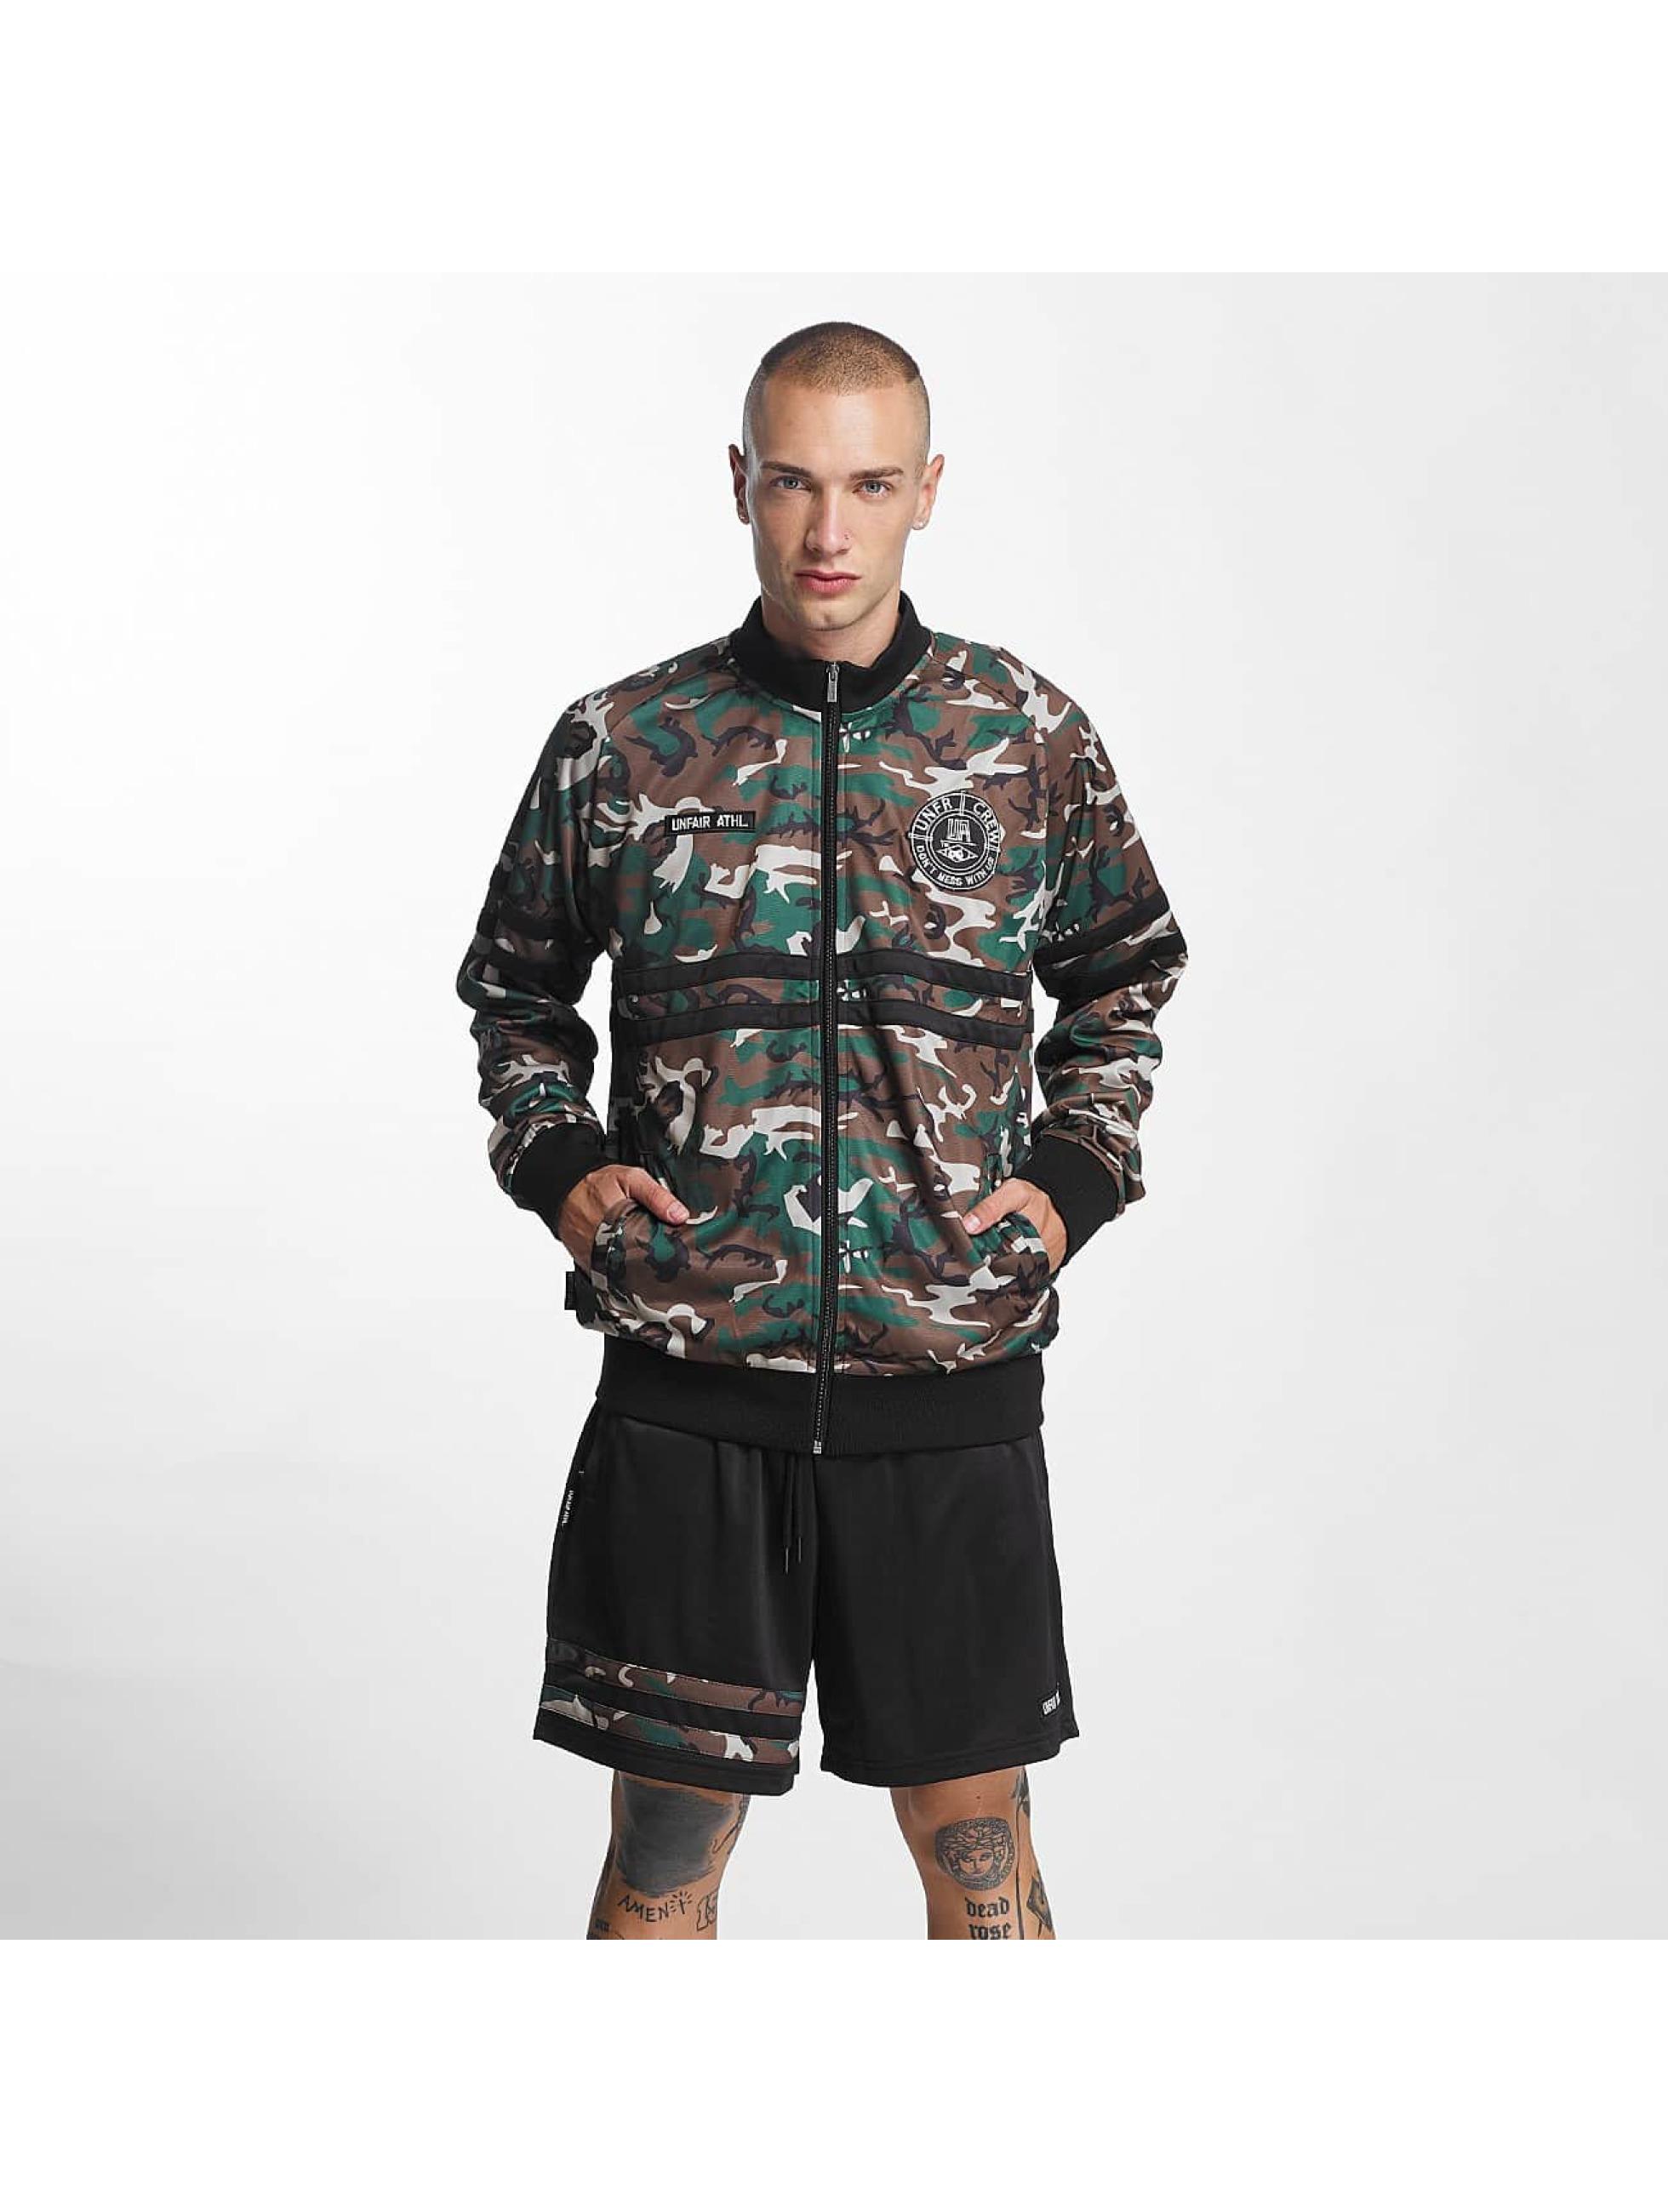 UNFAIR ATHLETICS Veste mi-saison légère DMWU Tracktop camouflage